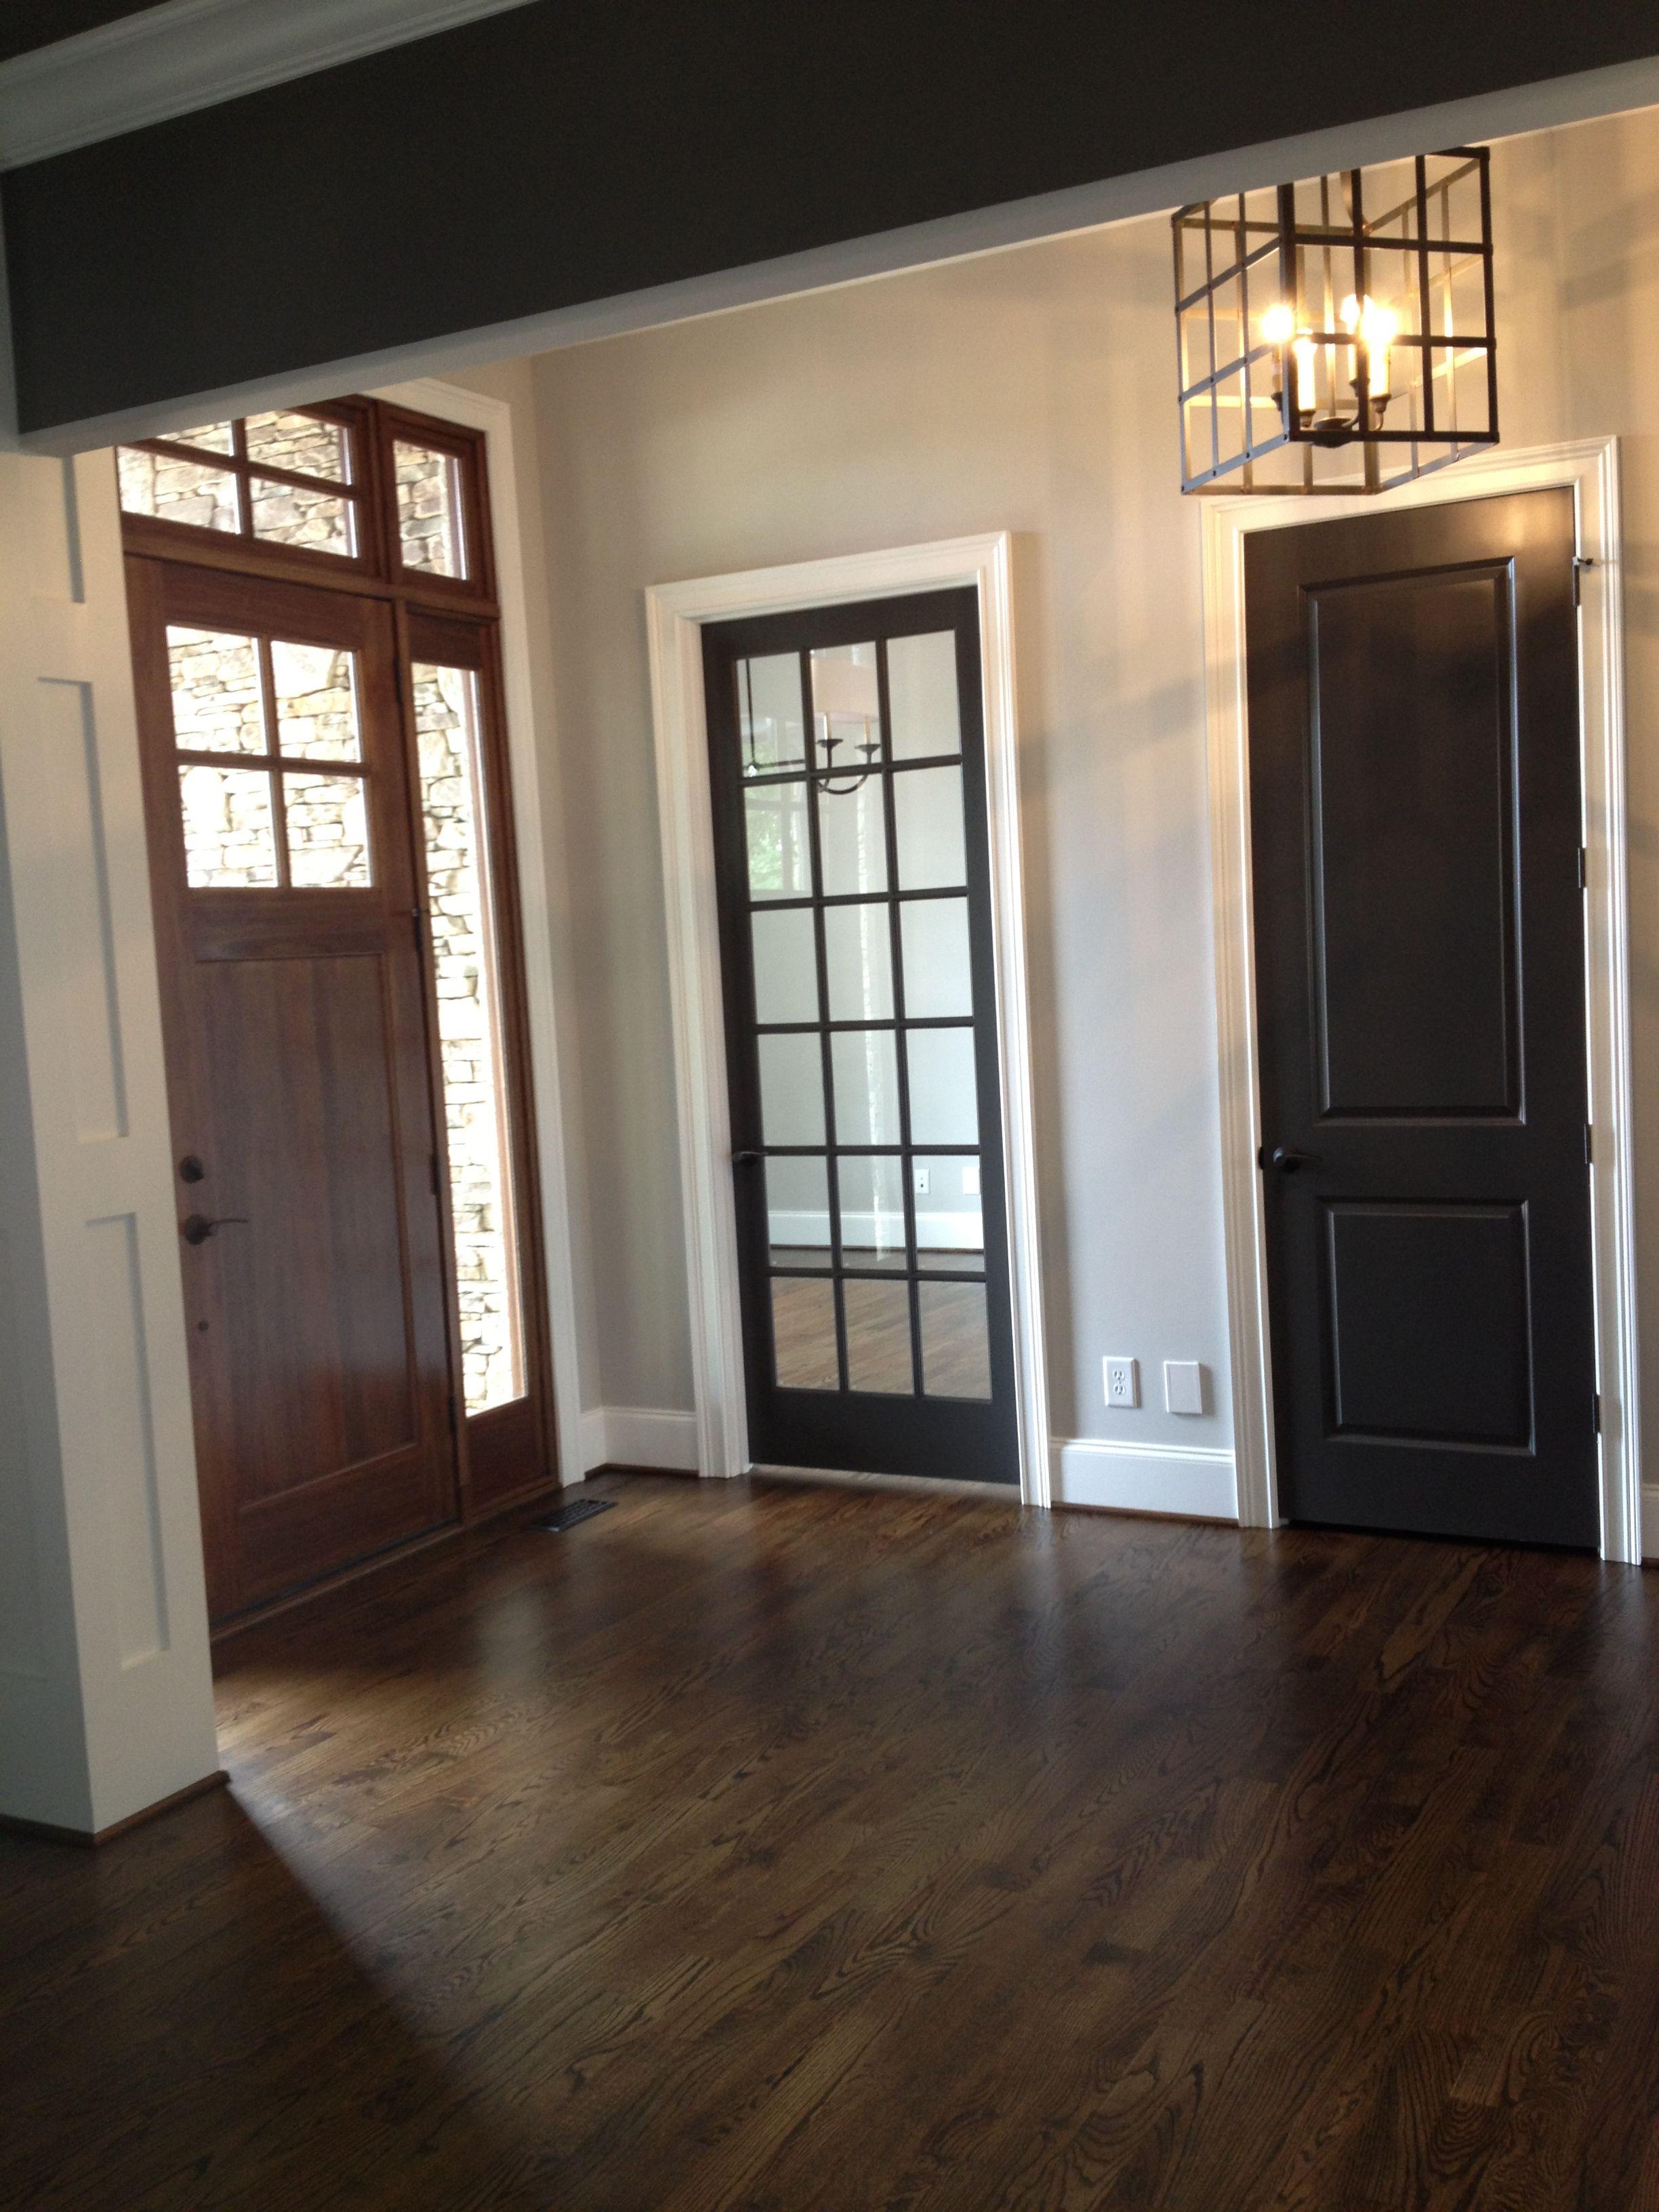 Urbane Bronze Doors By Sherwin Williams I Love The Dark